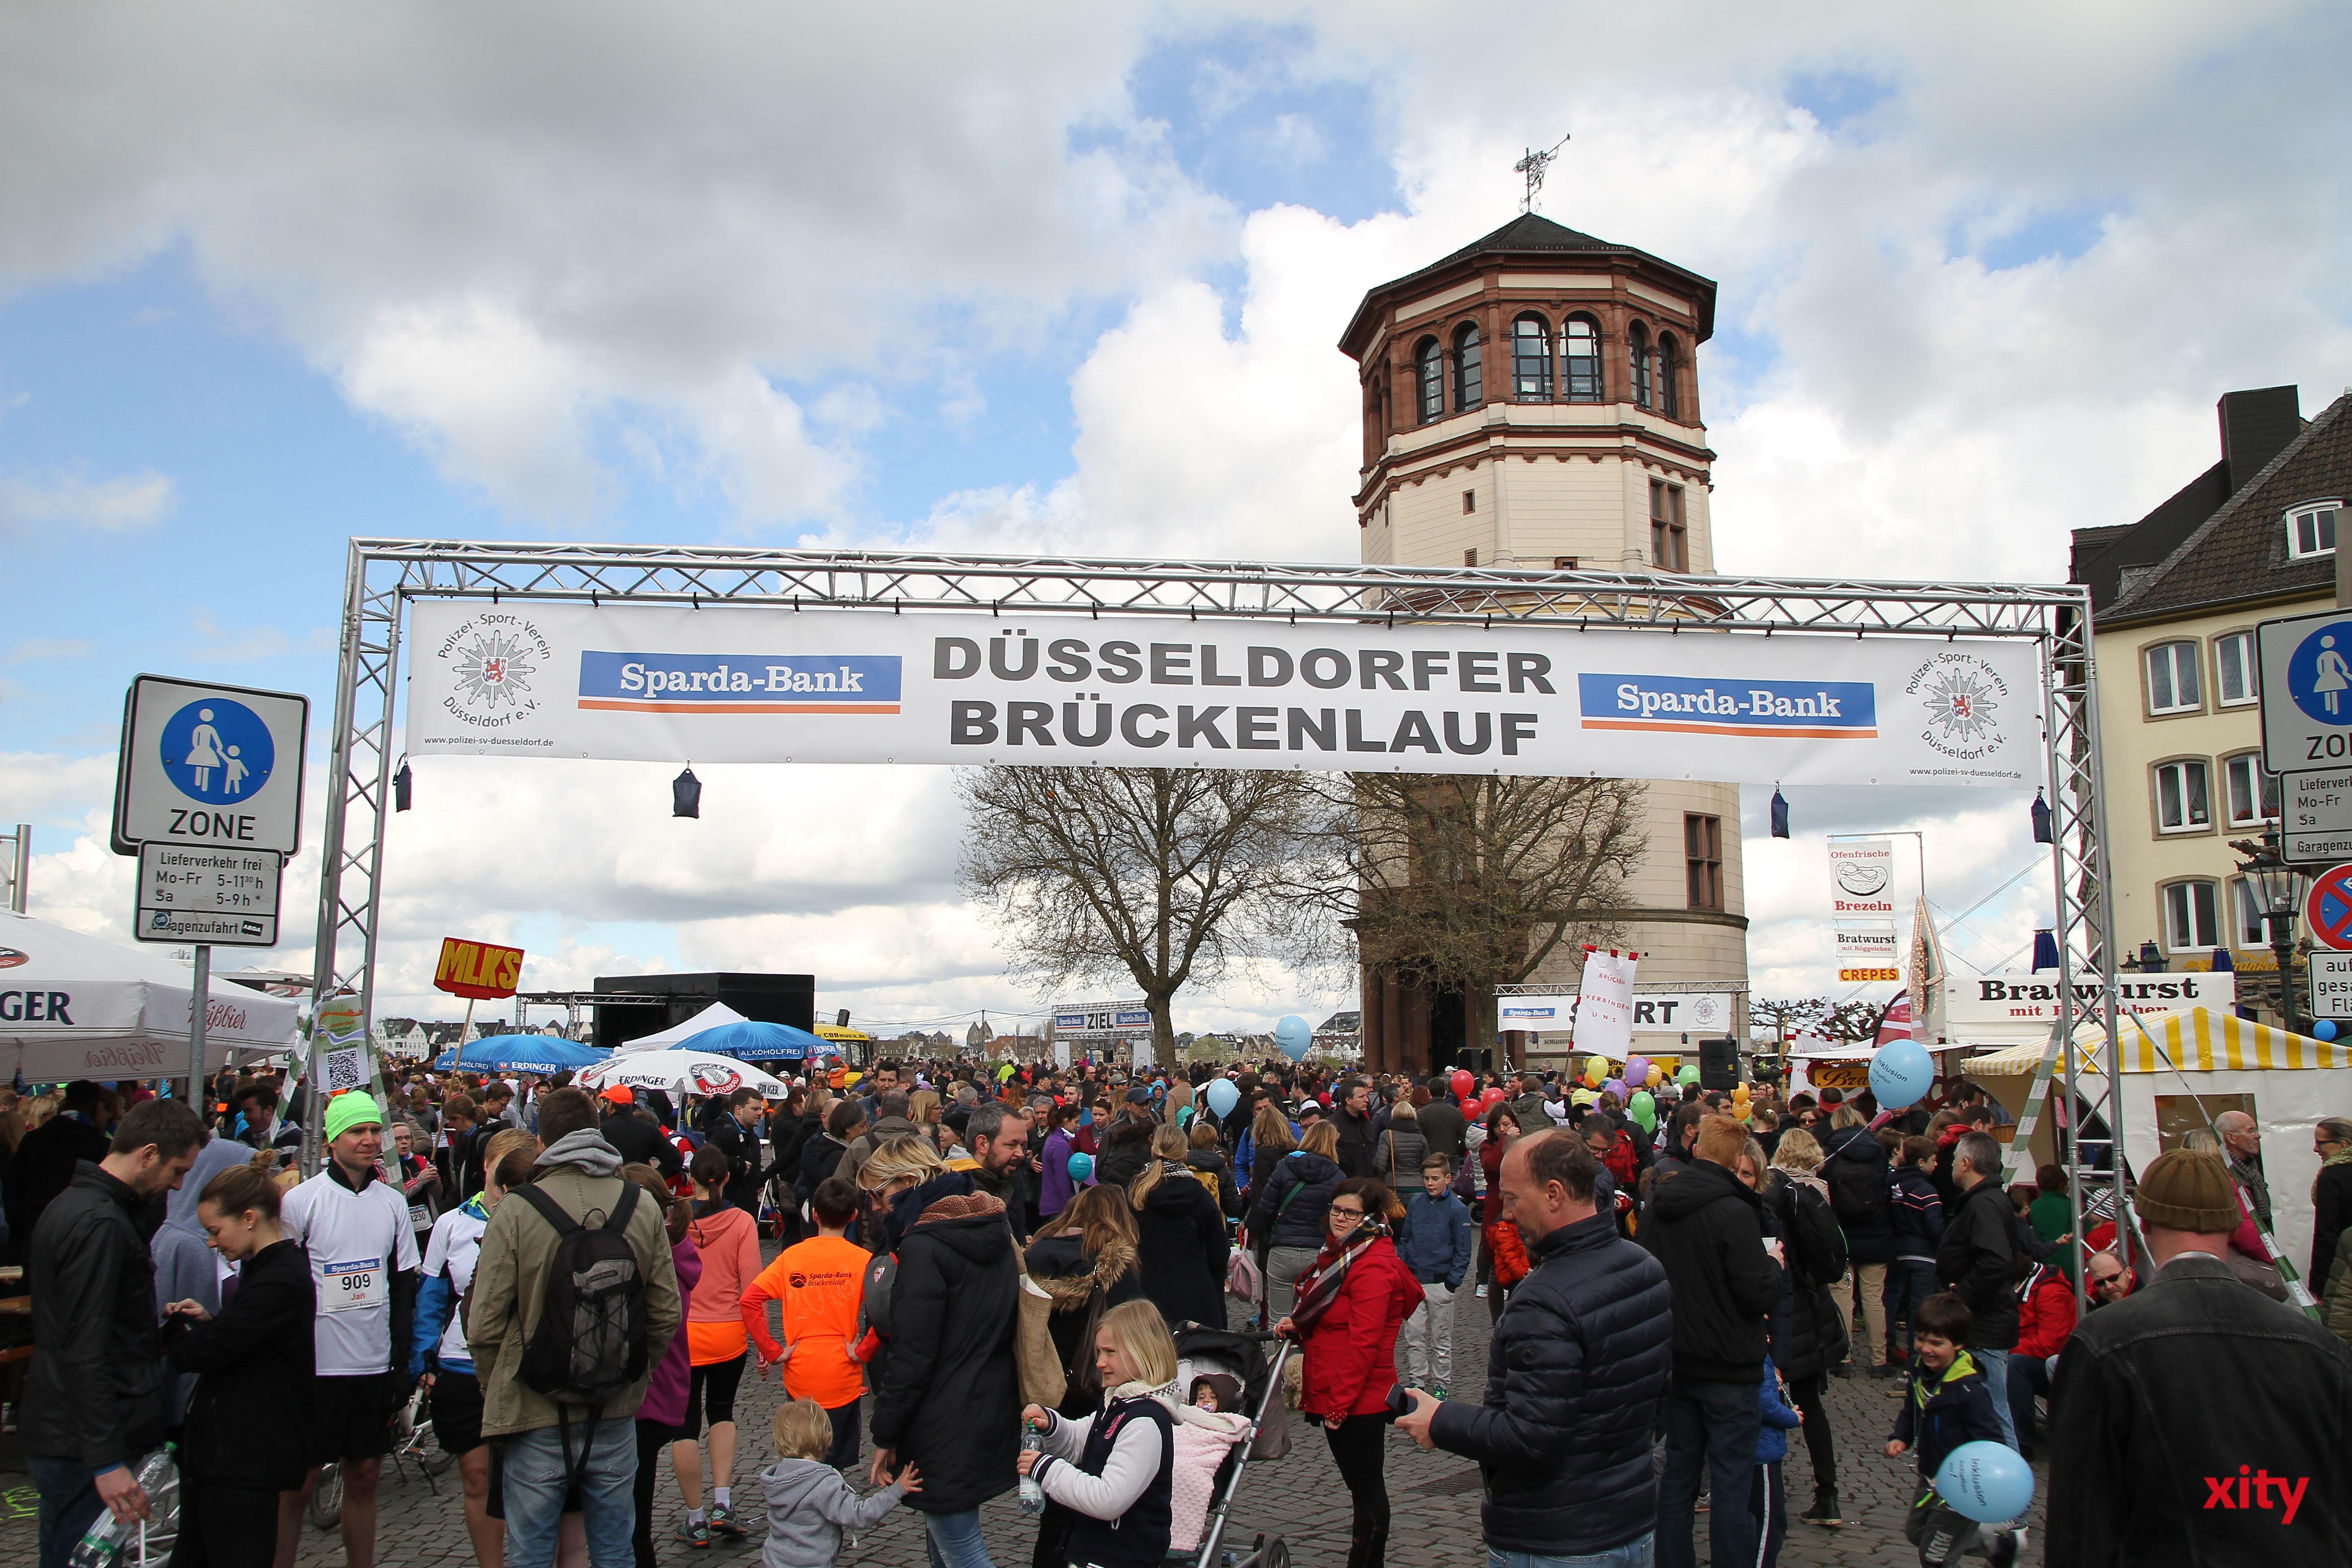 10.000 Zuschauer kamen zur 24. Auflage des Düsseldorfer Brückenlaufs (Foto: xity)